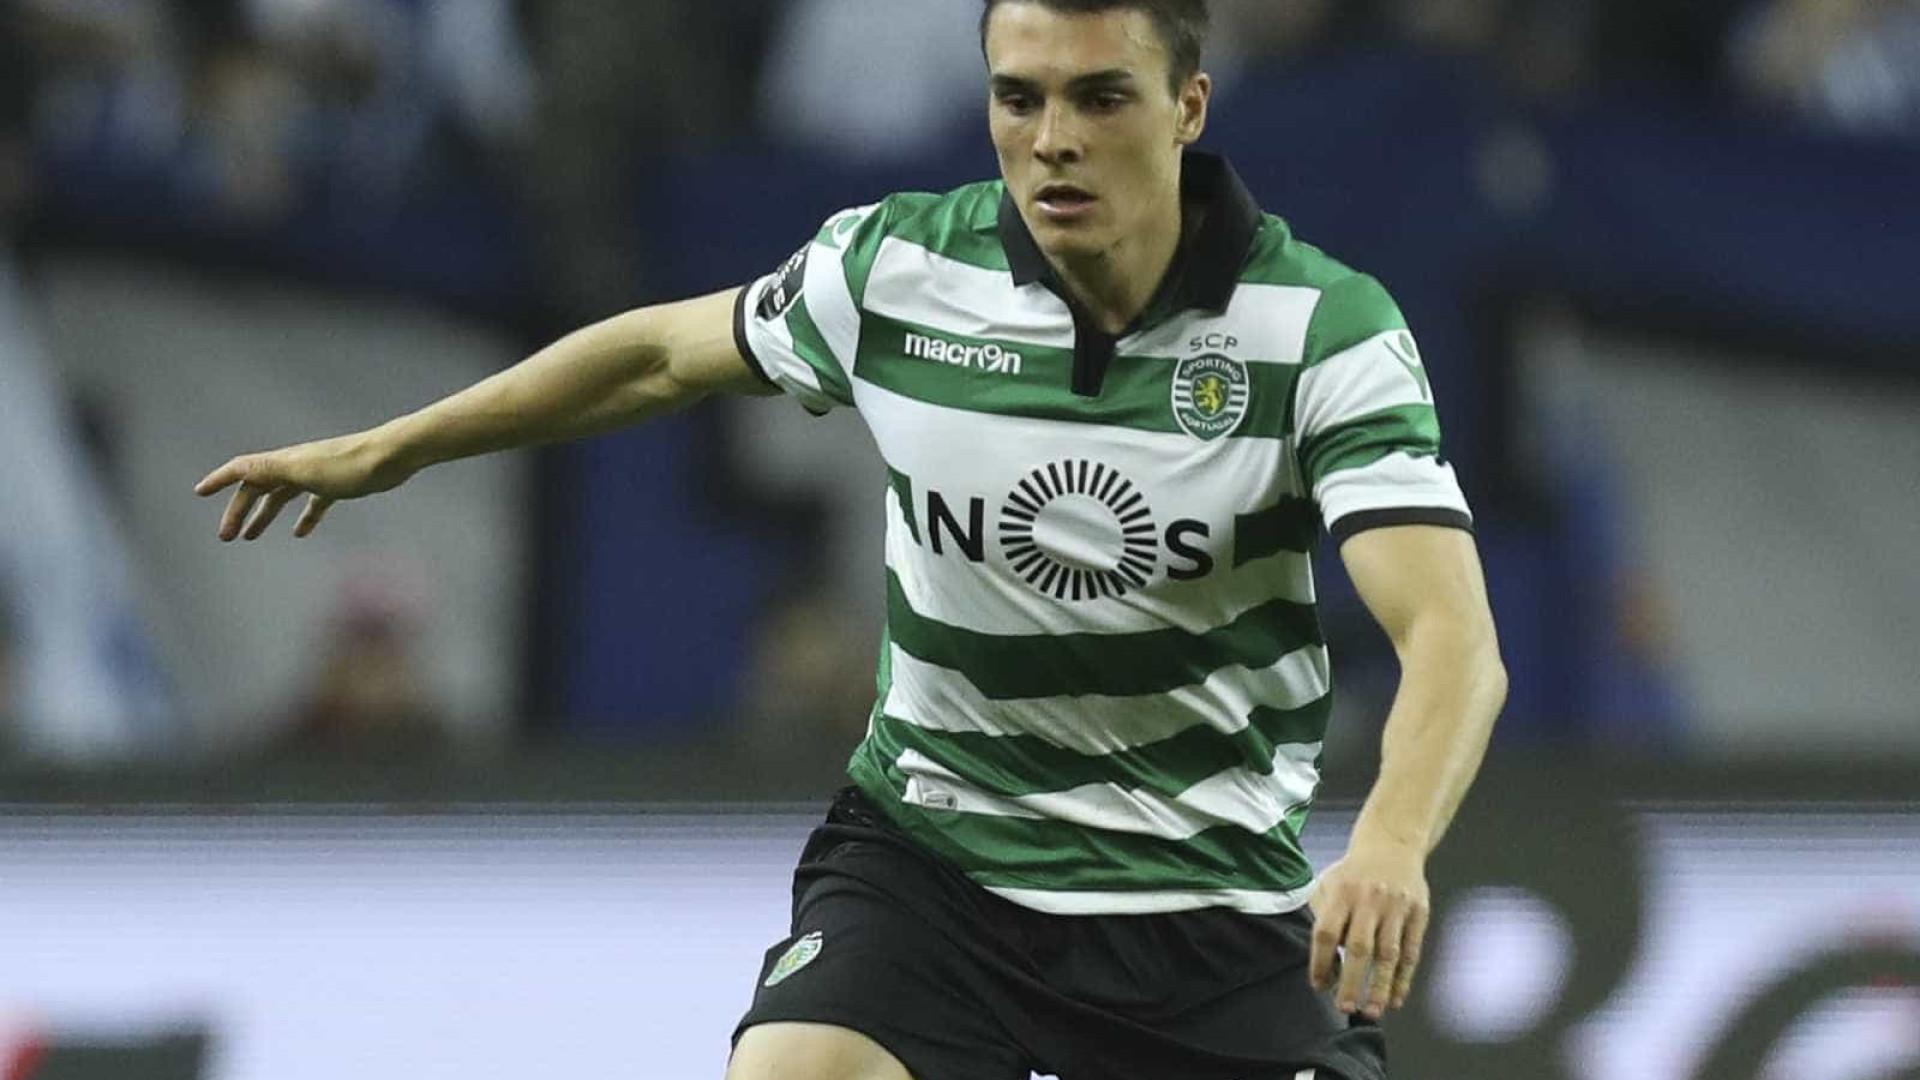 André Pinto e Palhinha nos convocados do Sporting para receção ao Setúbal